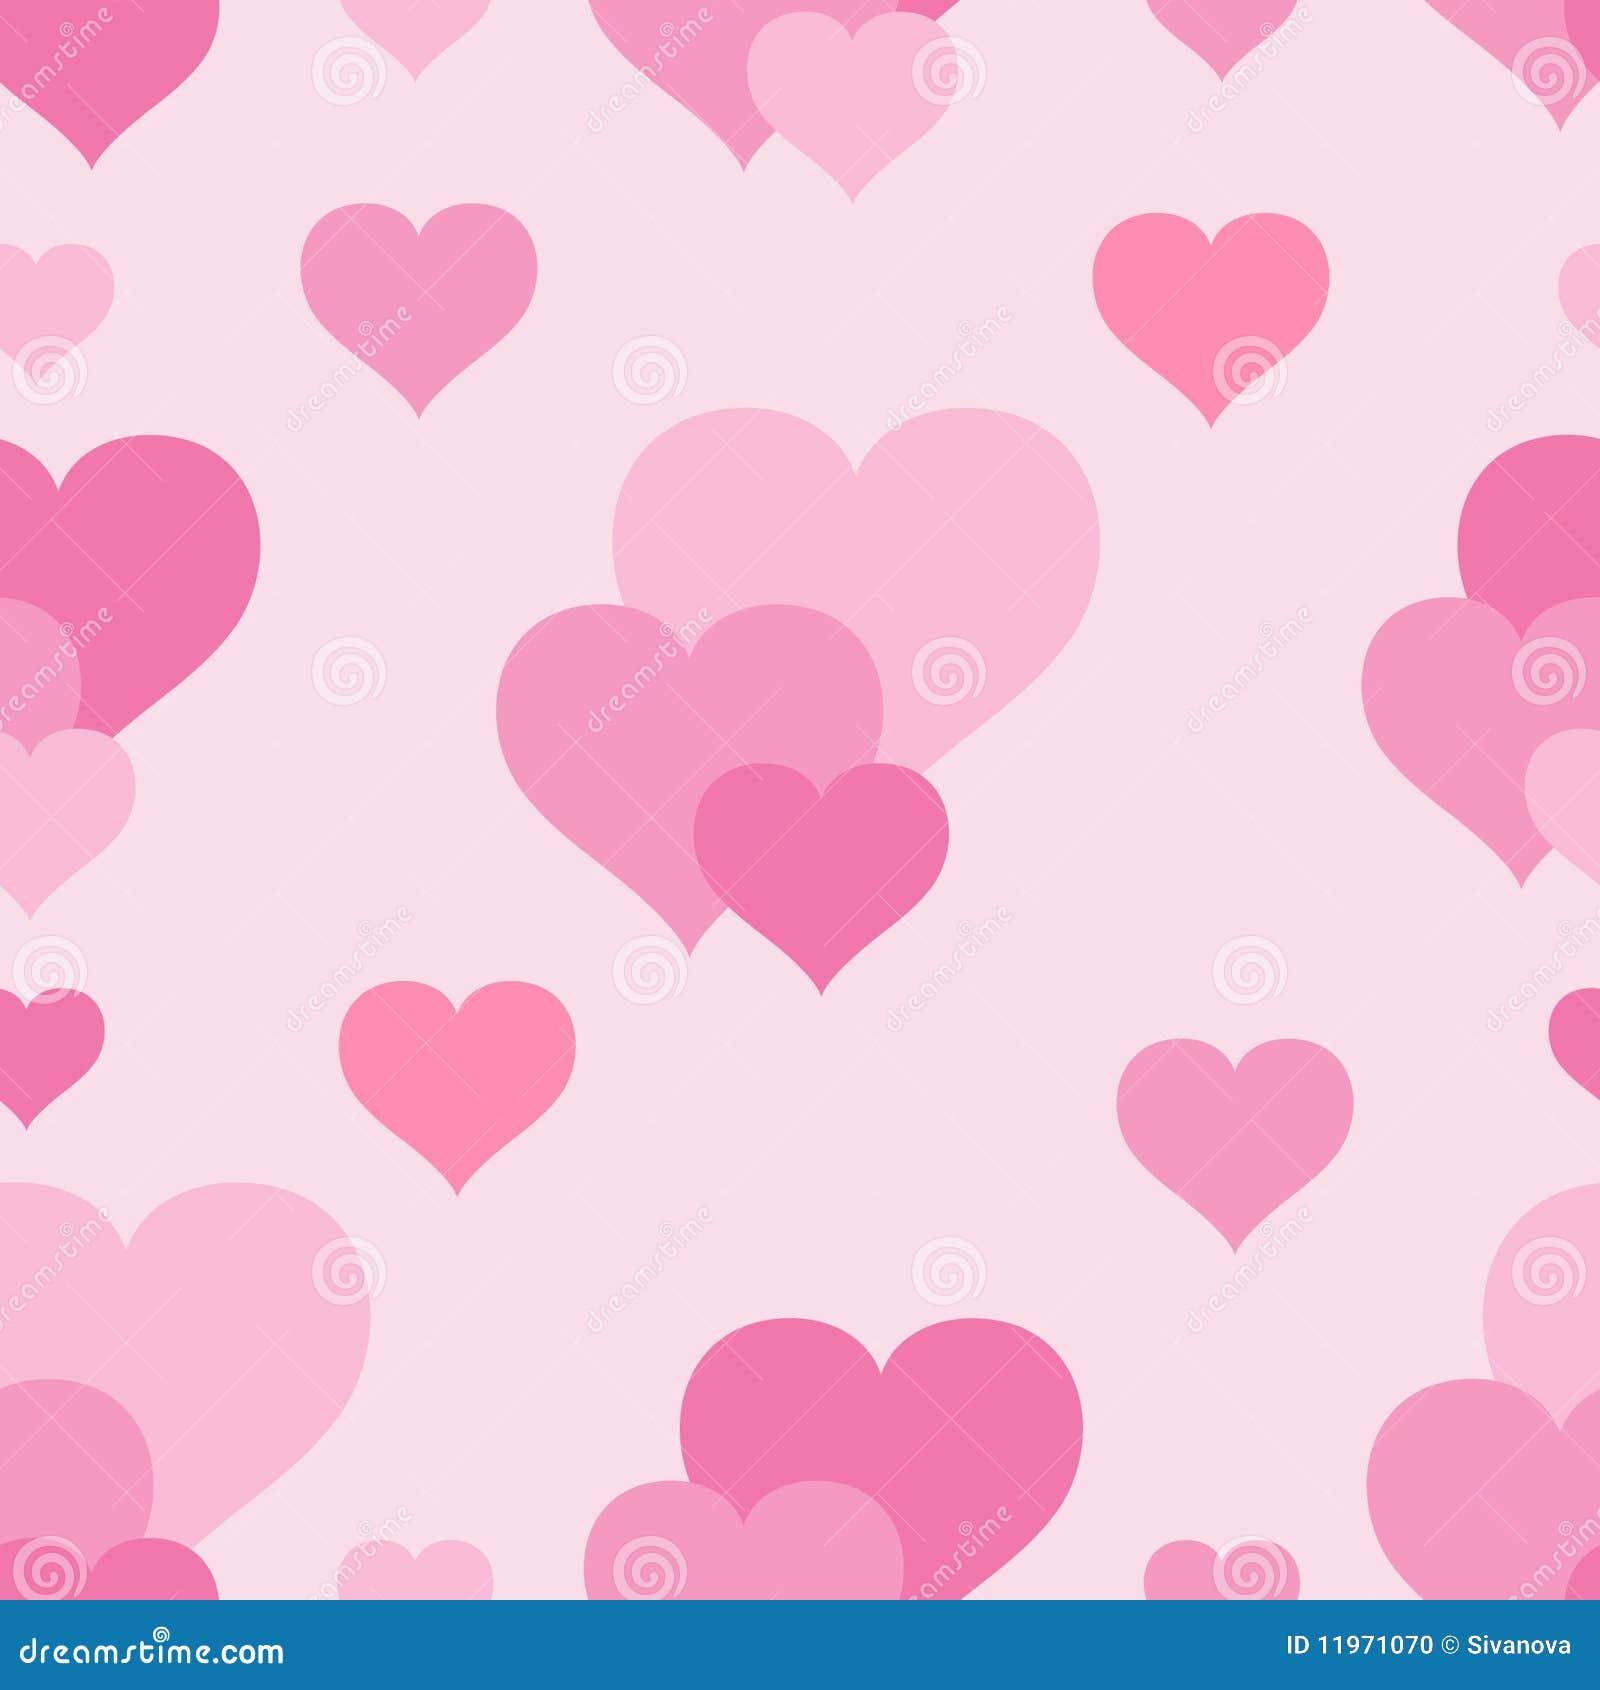 可爱粉红色背景素材